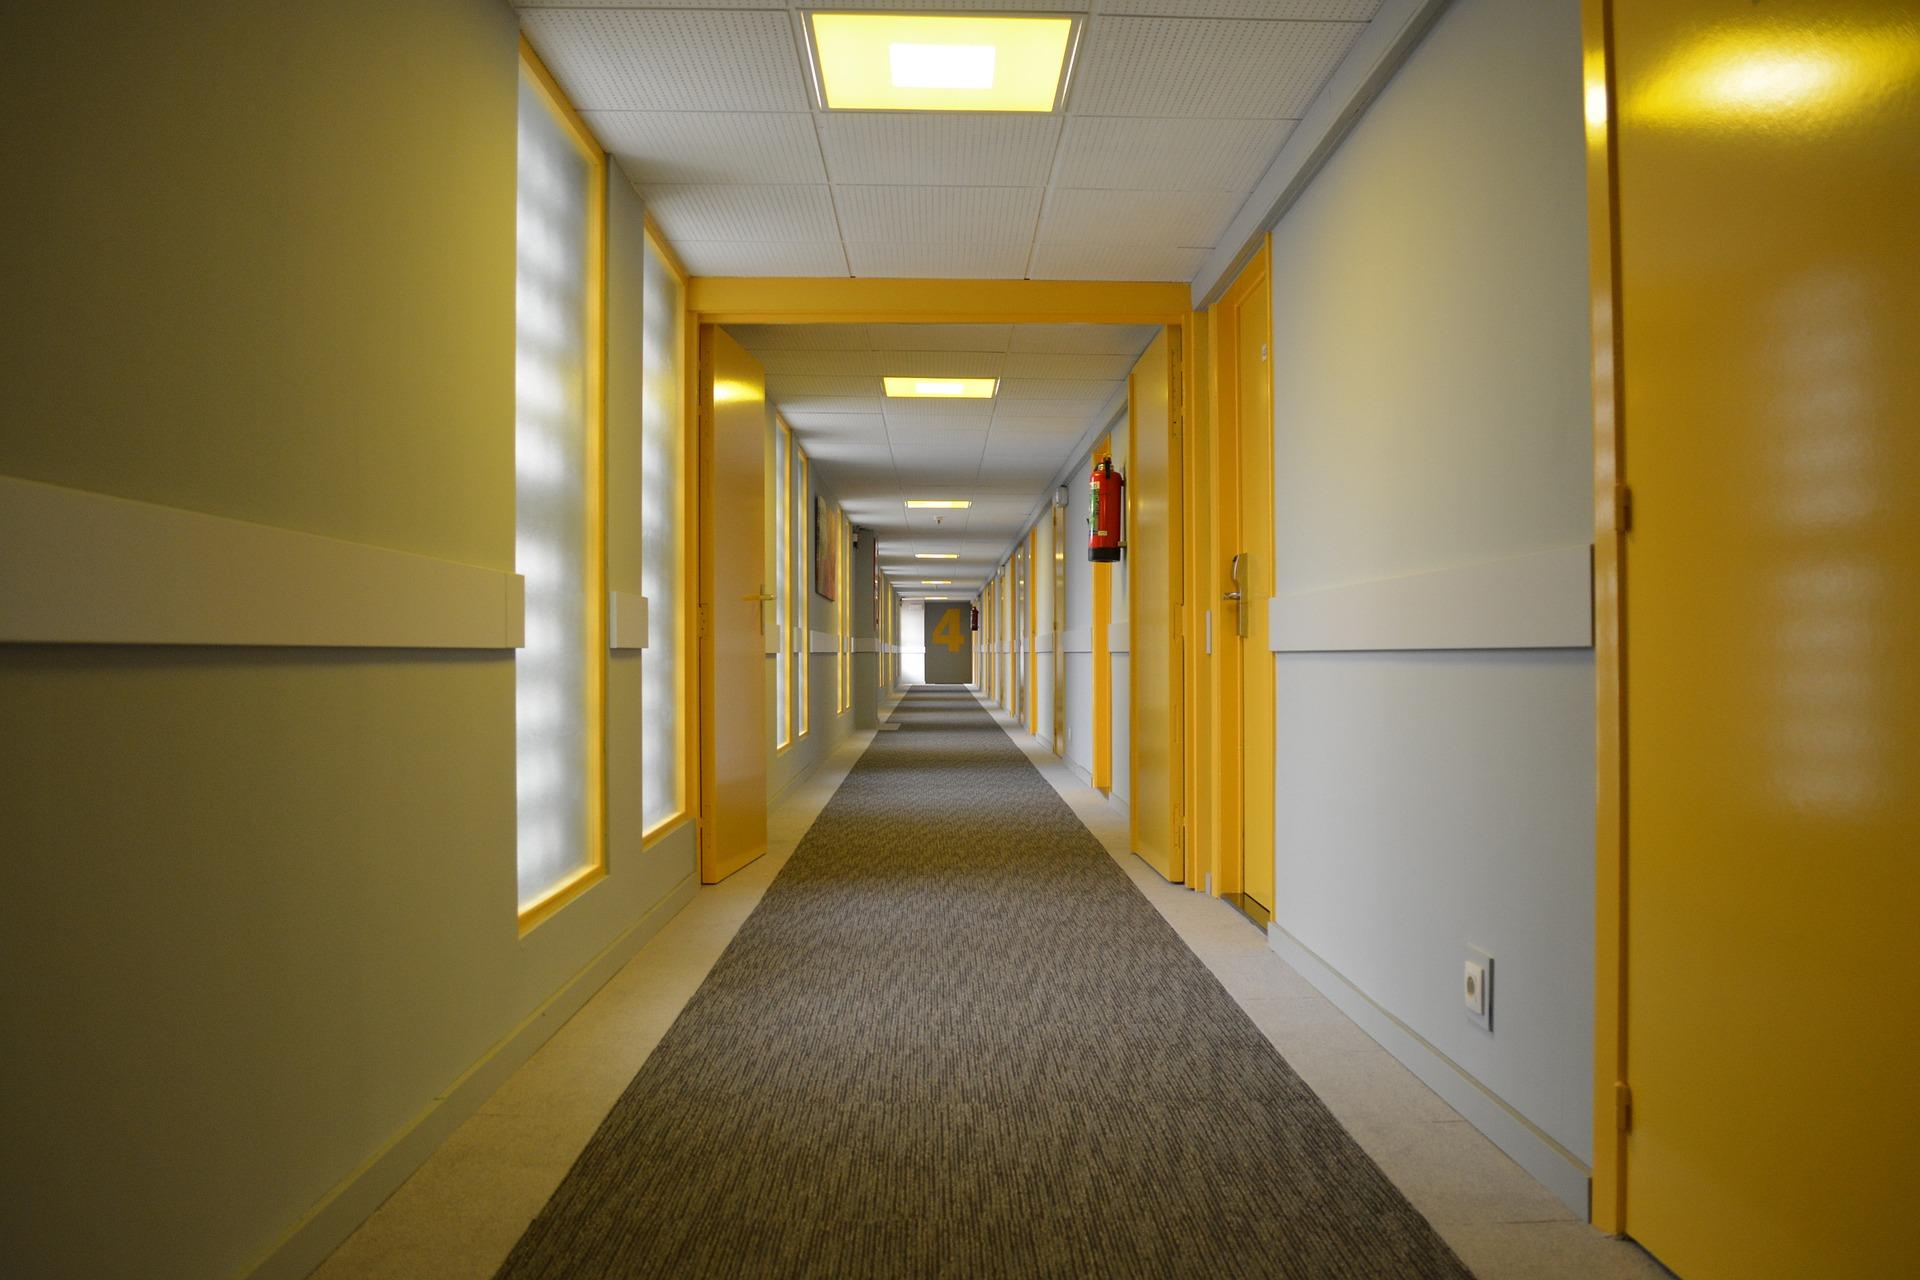 Se si chiama corridoio si può correre